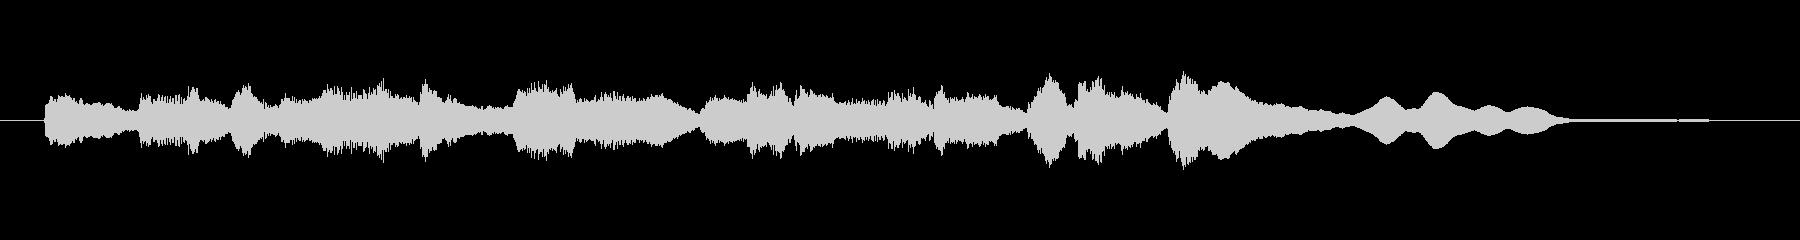 鉄道の到着メロディ(エレピ音)の未再生の波形